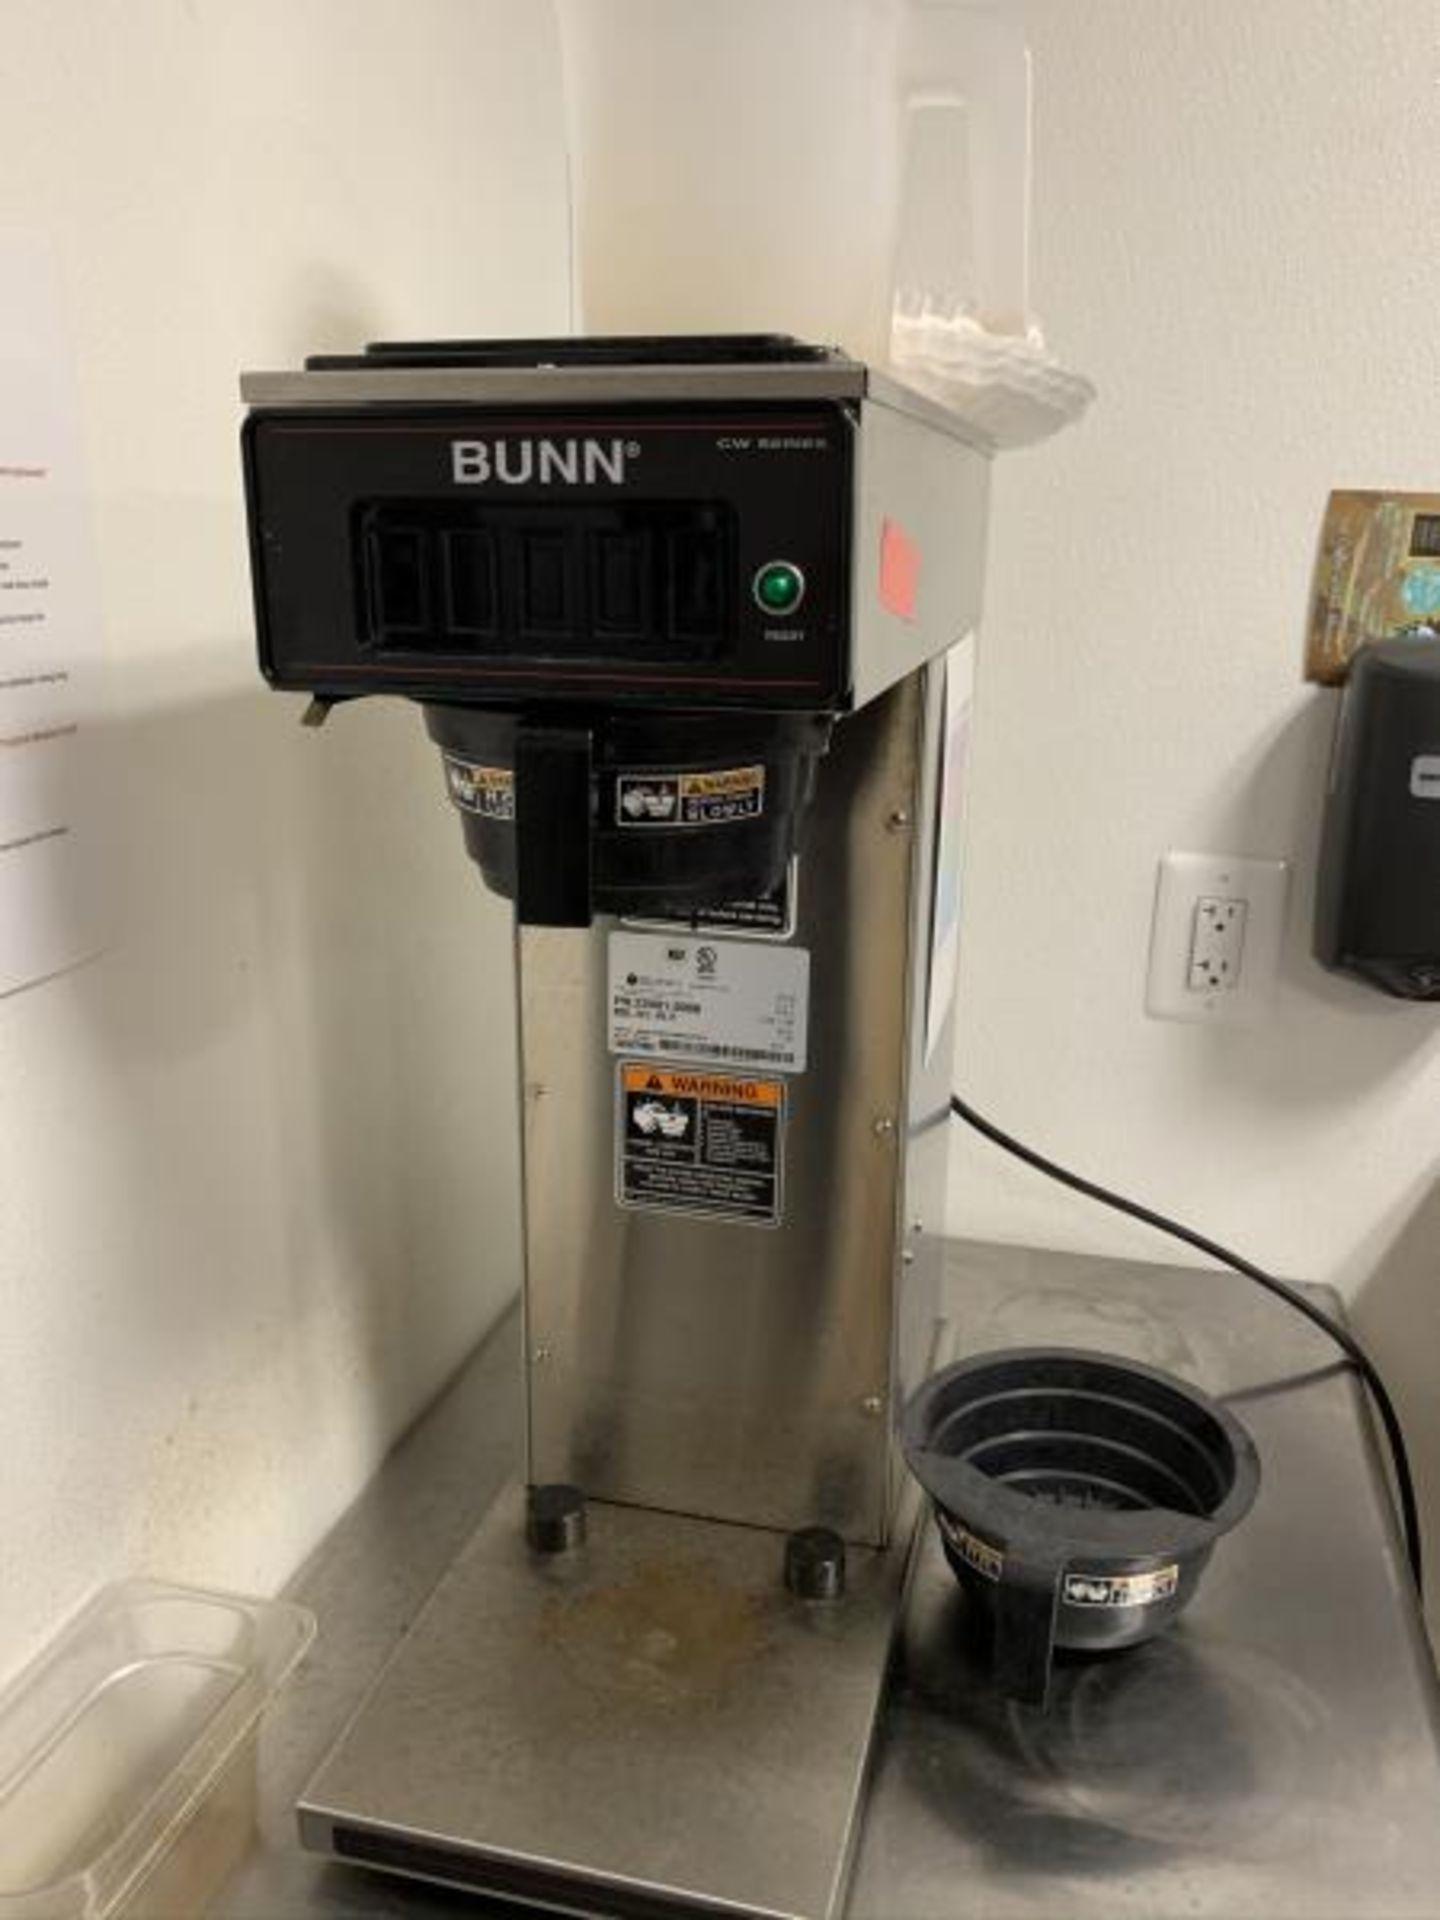 Bunn Carafe Coffee Brewer, Model: CW15-APS,PF, SN: CW0070006